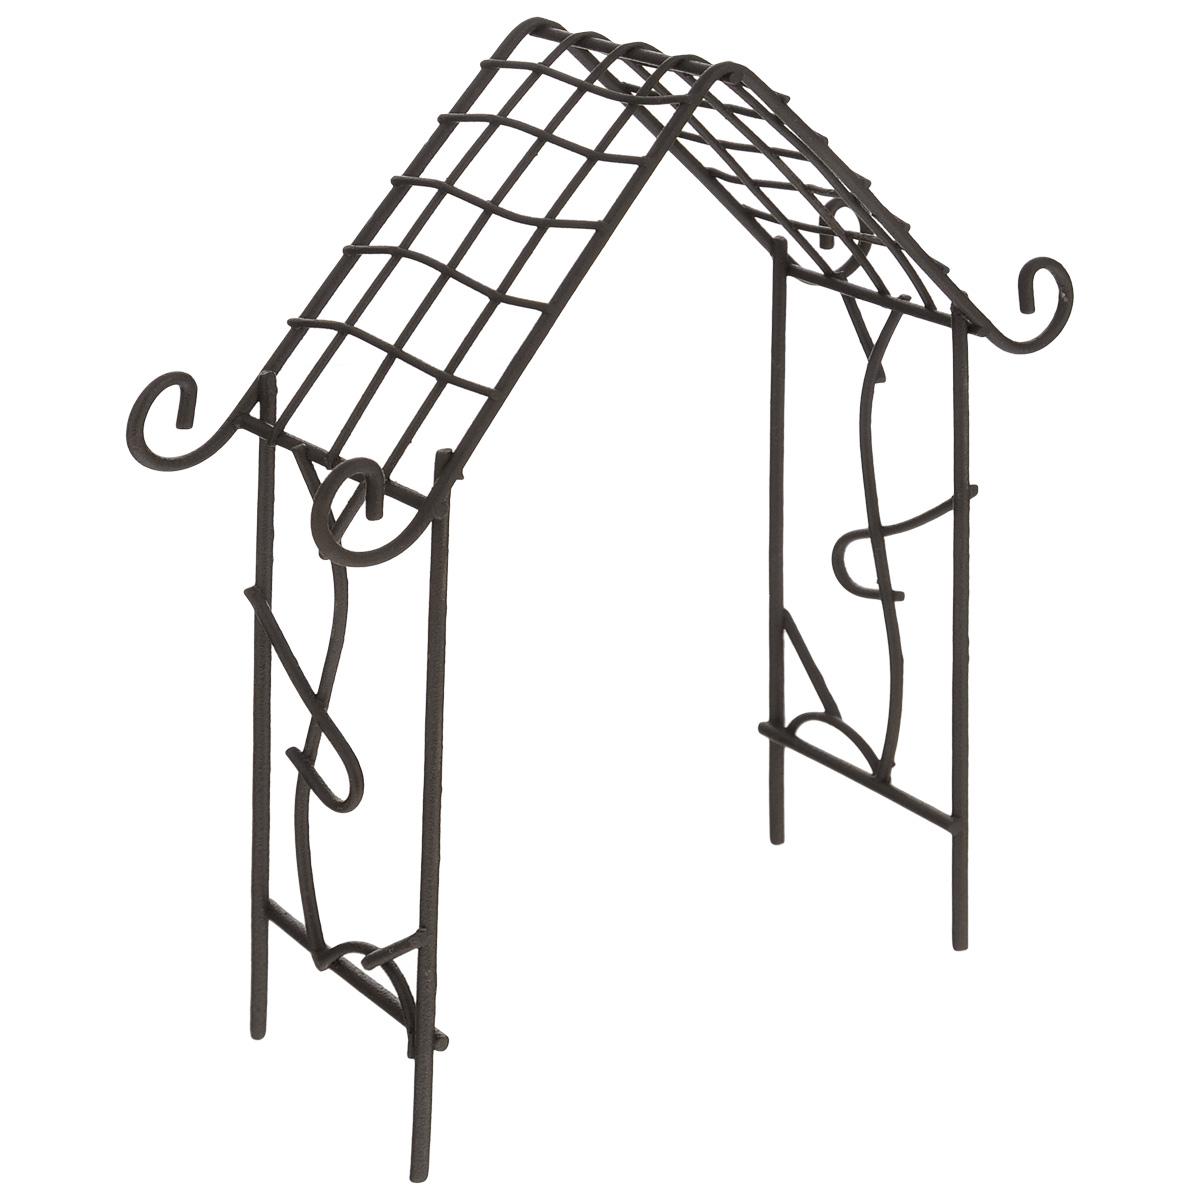 Миниатюра кукольная ScrapBerrys Мини арка-домик, цвет: коричневый, 12,5 см х 4 см х 15,5 смSCB271022Миниатюра кукольная ScrapBerrys Мини арка-домик изготовлена из высококачественного металла в виде небольшой арки.Изделие украшено изящными коваными завитками.Такая миниатюра прекрасно подойдет для декорирования кукольных домиков, а также для оформления работ в самых различных техниках. С ее помощью можно обставлять румбокс. Можно использовать в шэдоубоксах или просто как изысканные украшения для скрап-работ.Размер изделия: 12,5 см х 4 см х 15,5 см.